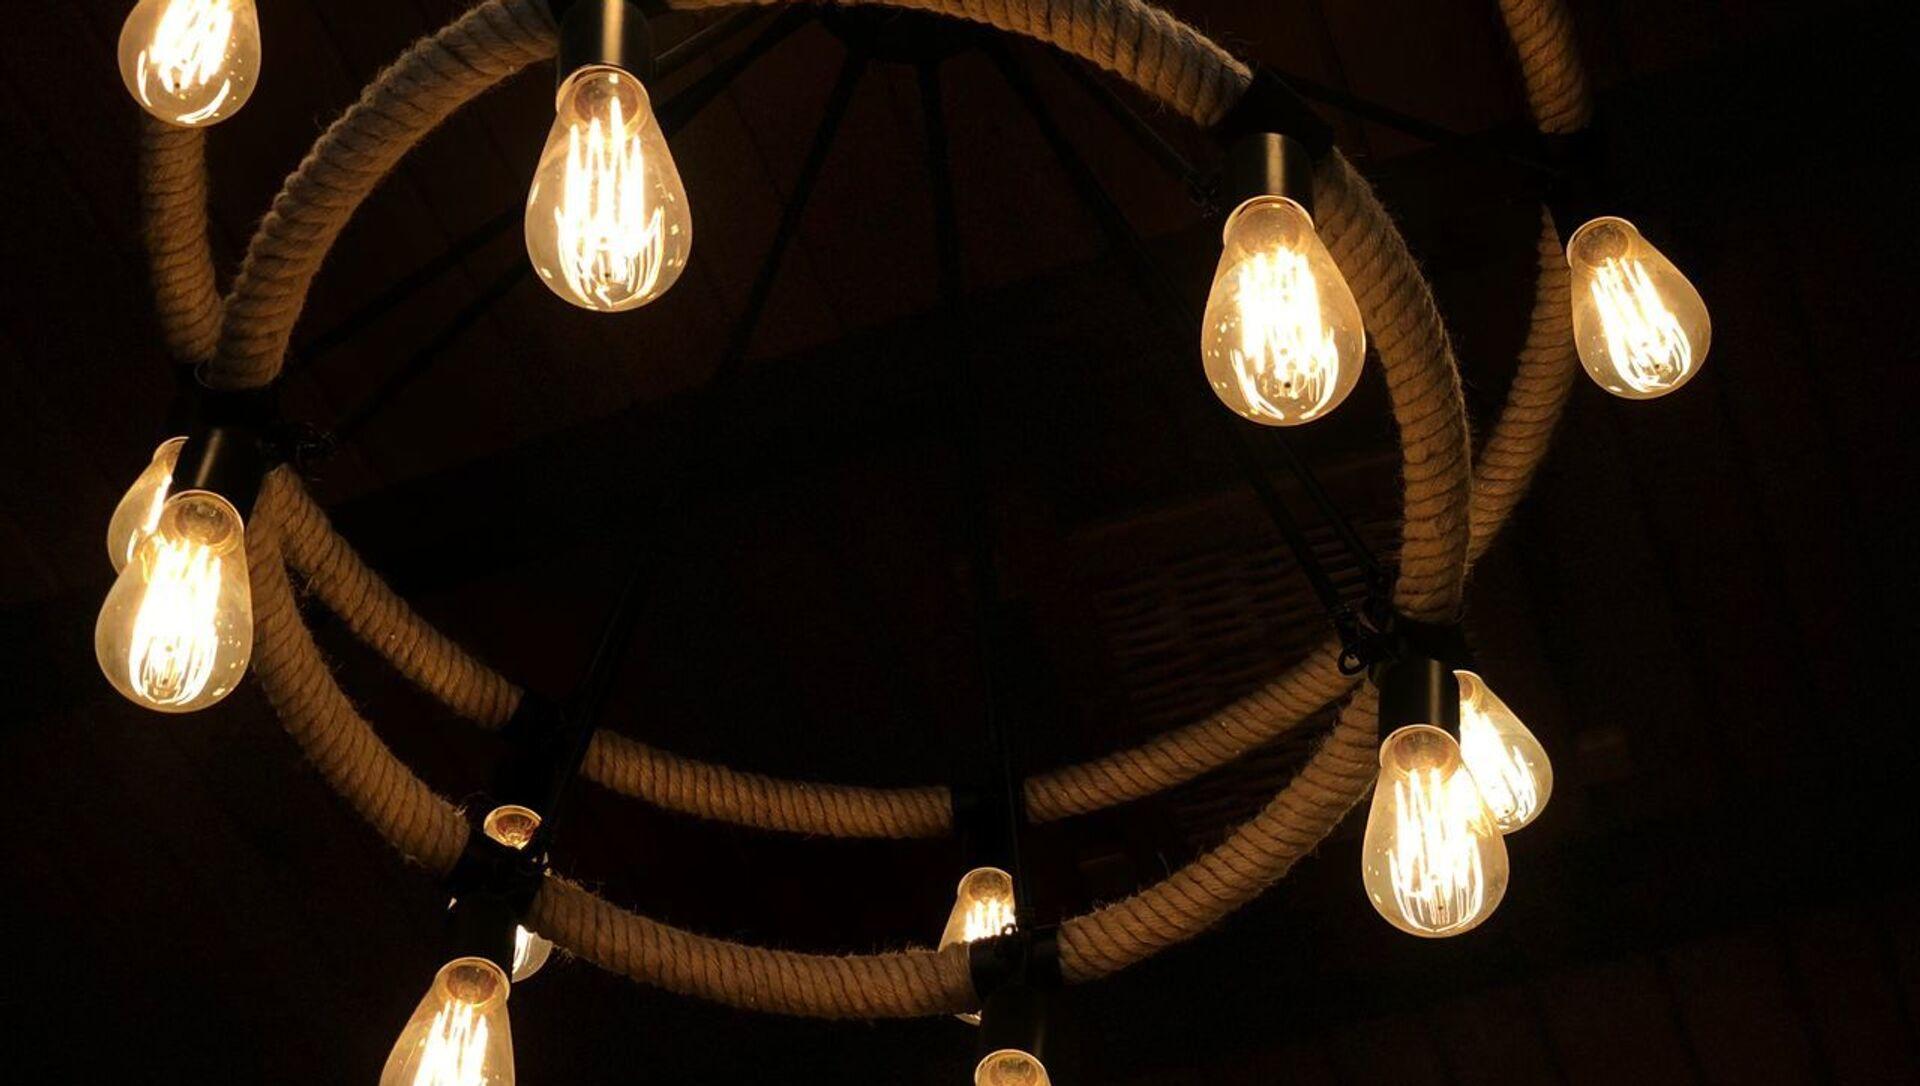 Лампочки  - Sputnik Аҧсны, 1920, 29.08.2021